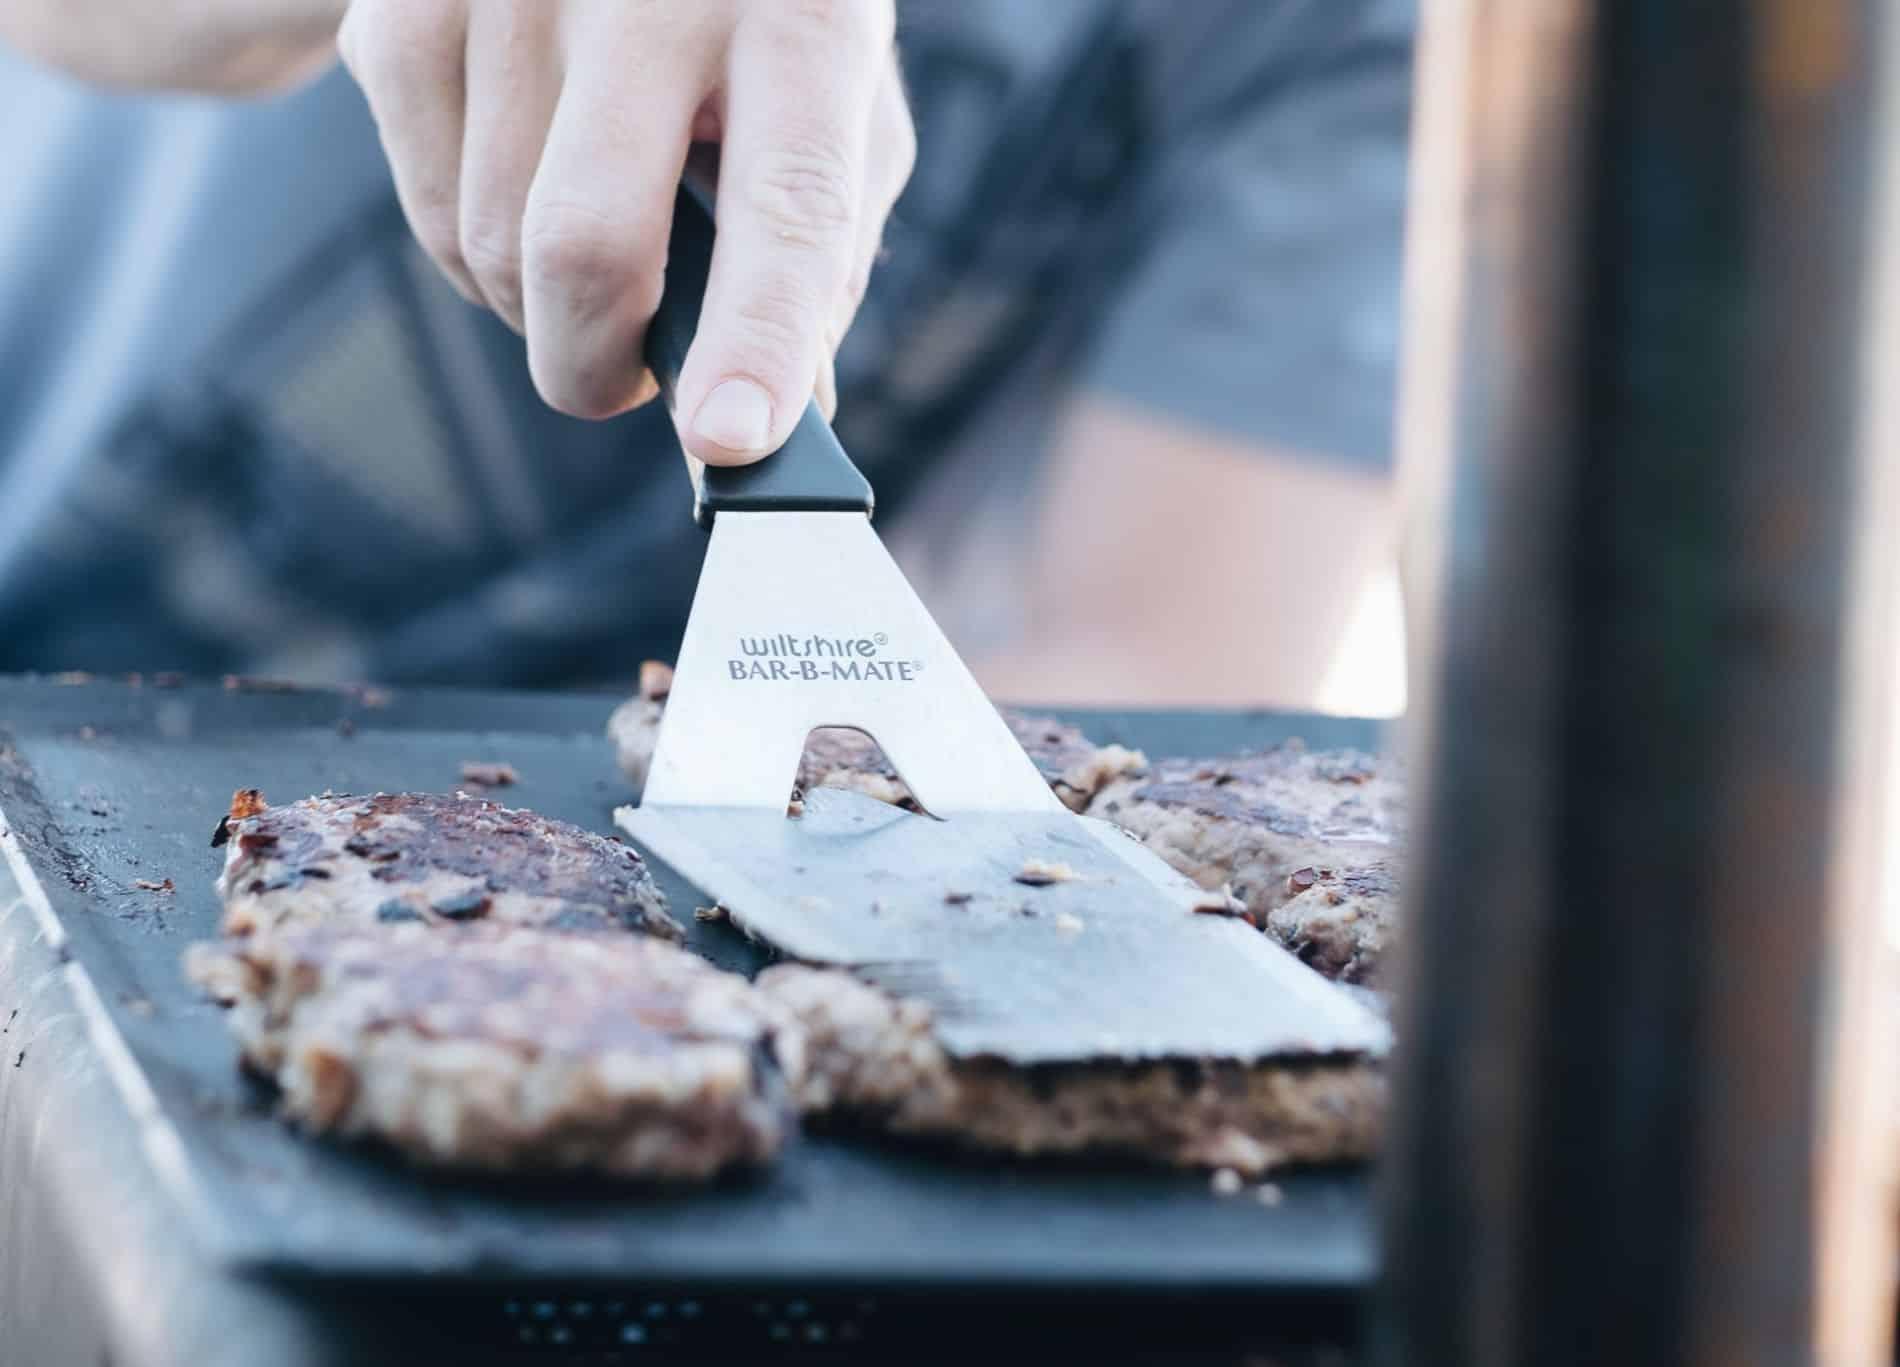 grill-checklist-bbq-party-8-spatula